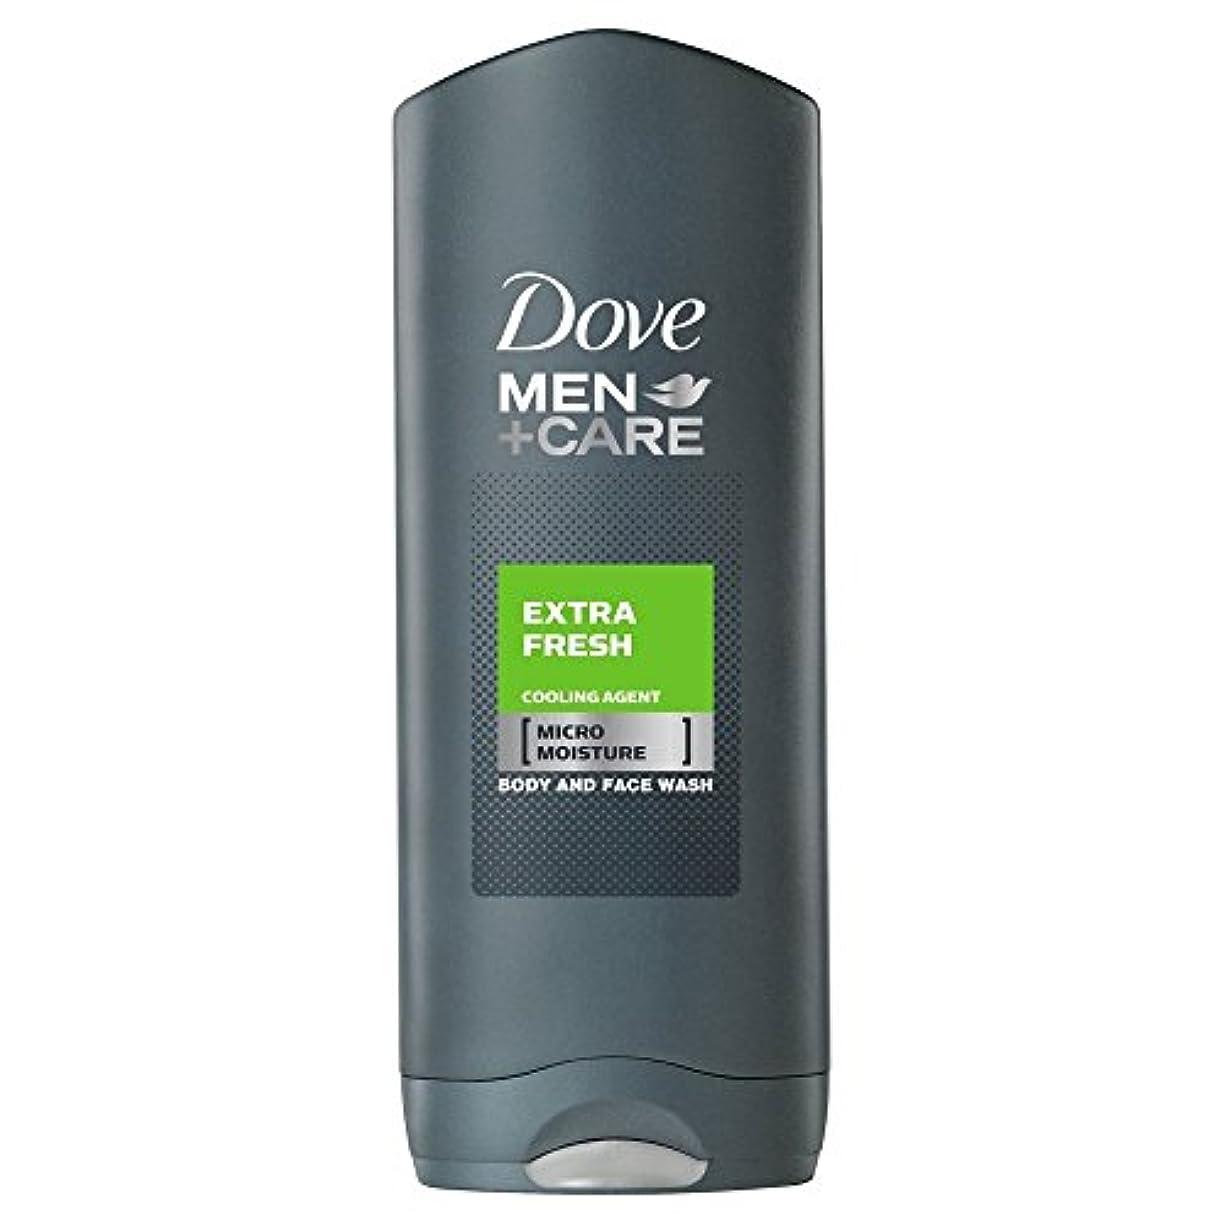 を通して単調なまぶしさDove Men + Care Body & Face Wash - Extra Fresh (250ml) 鳩の男性は+ボディと洗顔ケア - 余分な新鮮な( 250ミリリットル)を [並行輸入品]